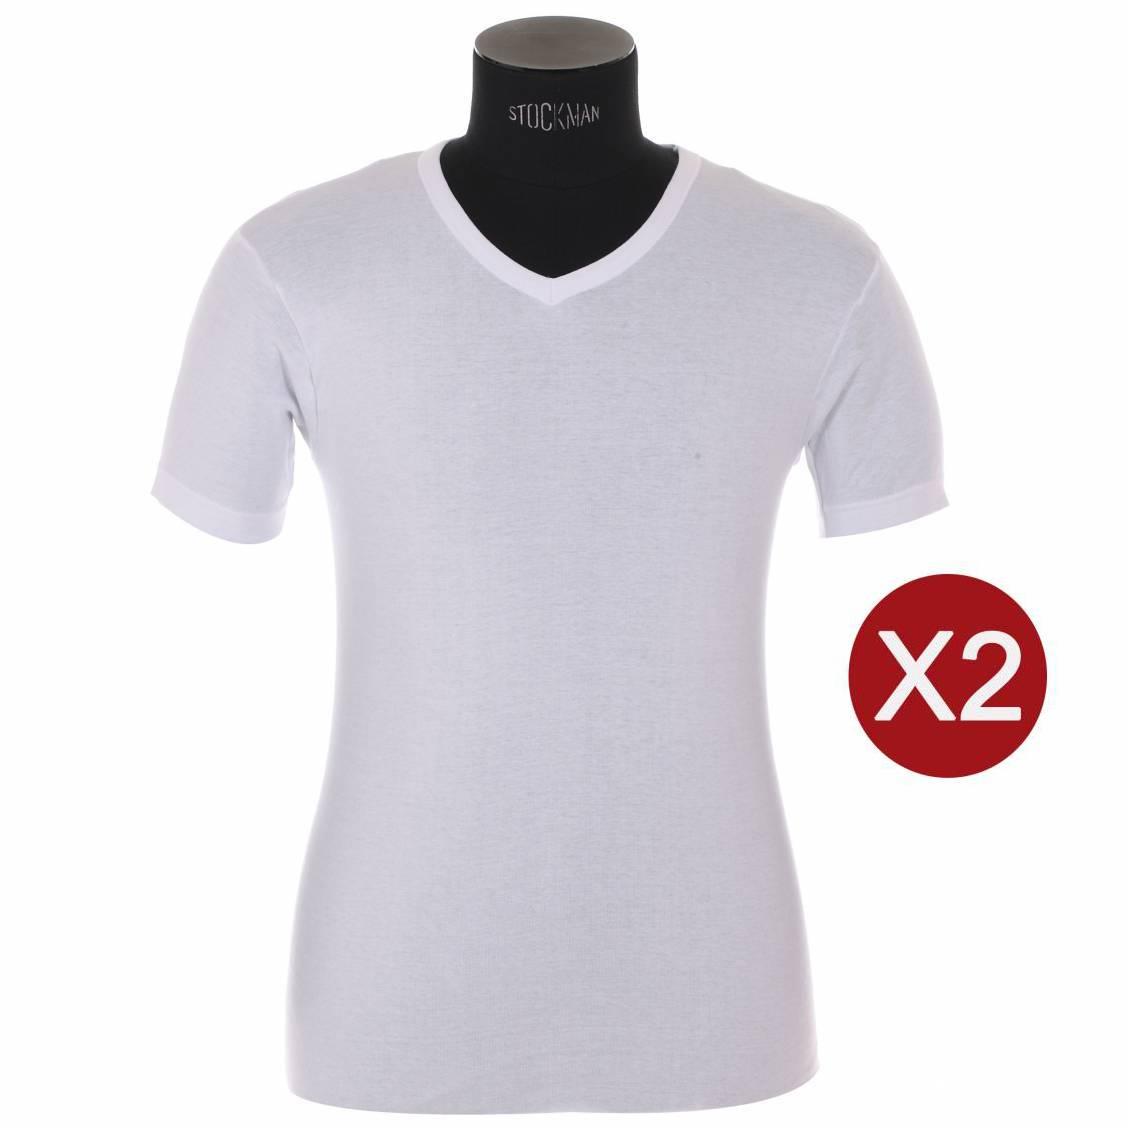 lot de 2 tee-shirts athena en coton